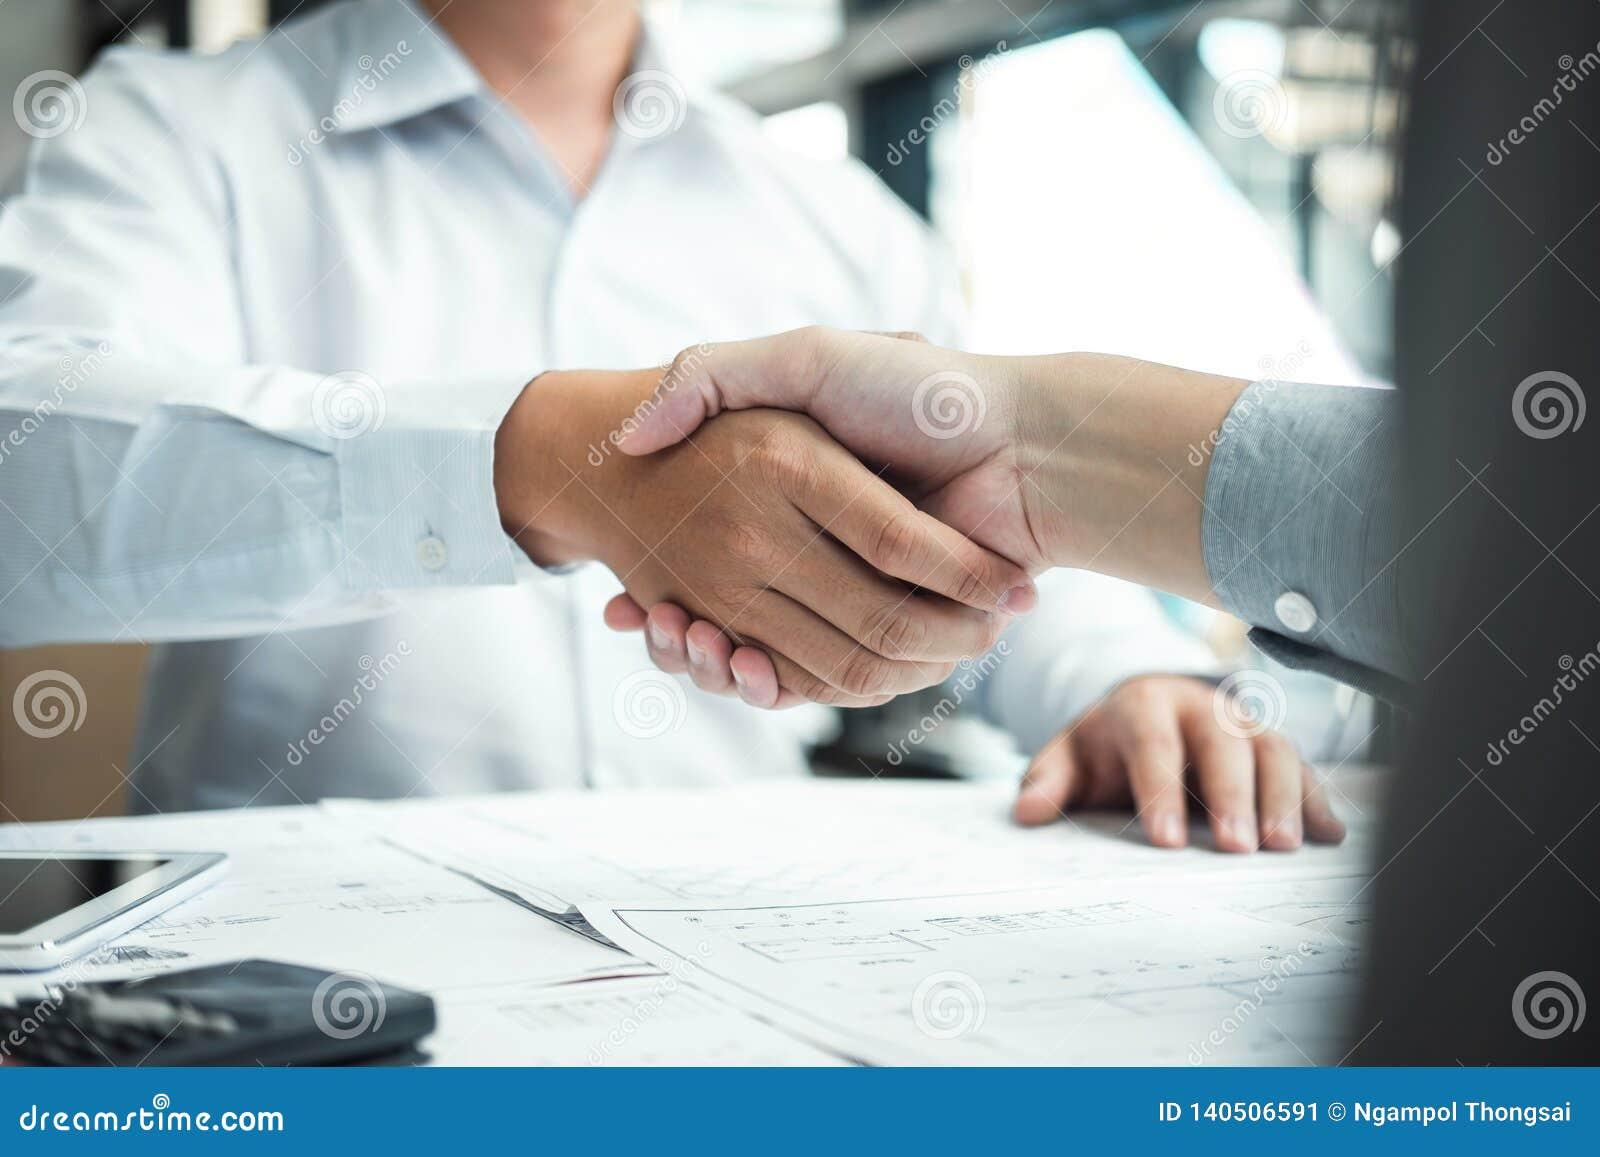 Handskakning av samarbete, konstruktionsteknik eller arkitekten att diskutera en ritning och en byggande modell, medan kontroller